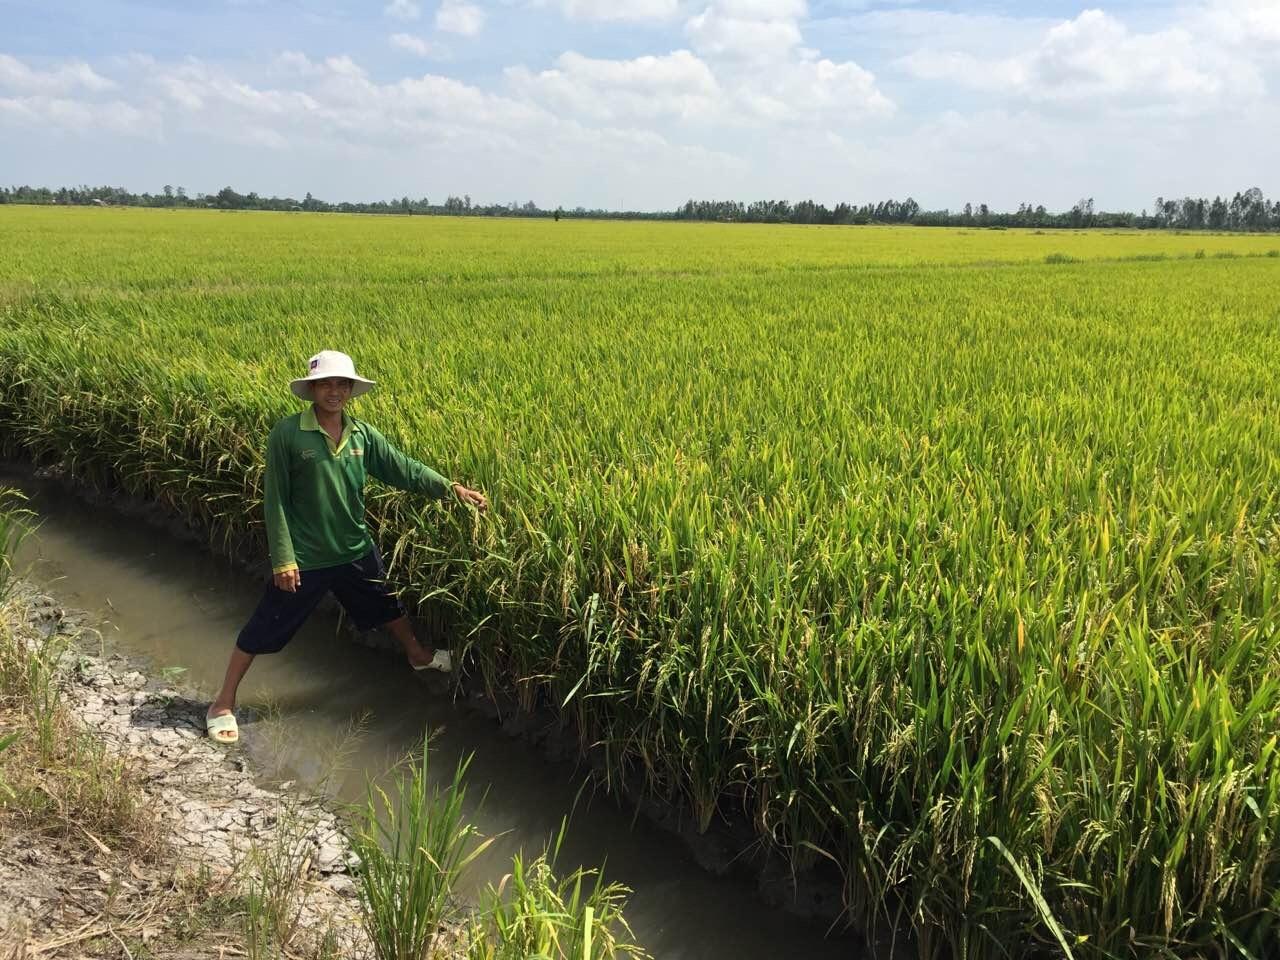 Lúa Anh Xuân - ND Cờ Đỏ - TP Cần Thơ sử dụng GFA được đánh giá hiệu quả cao